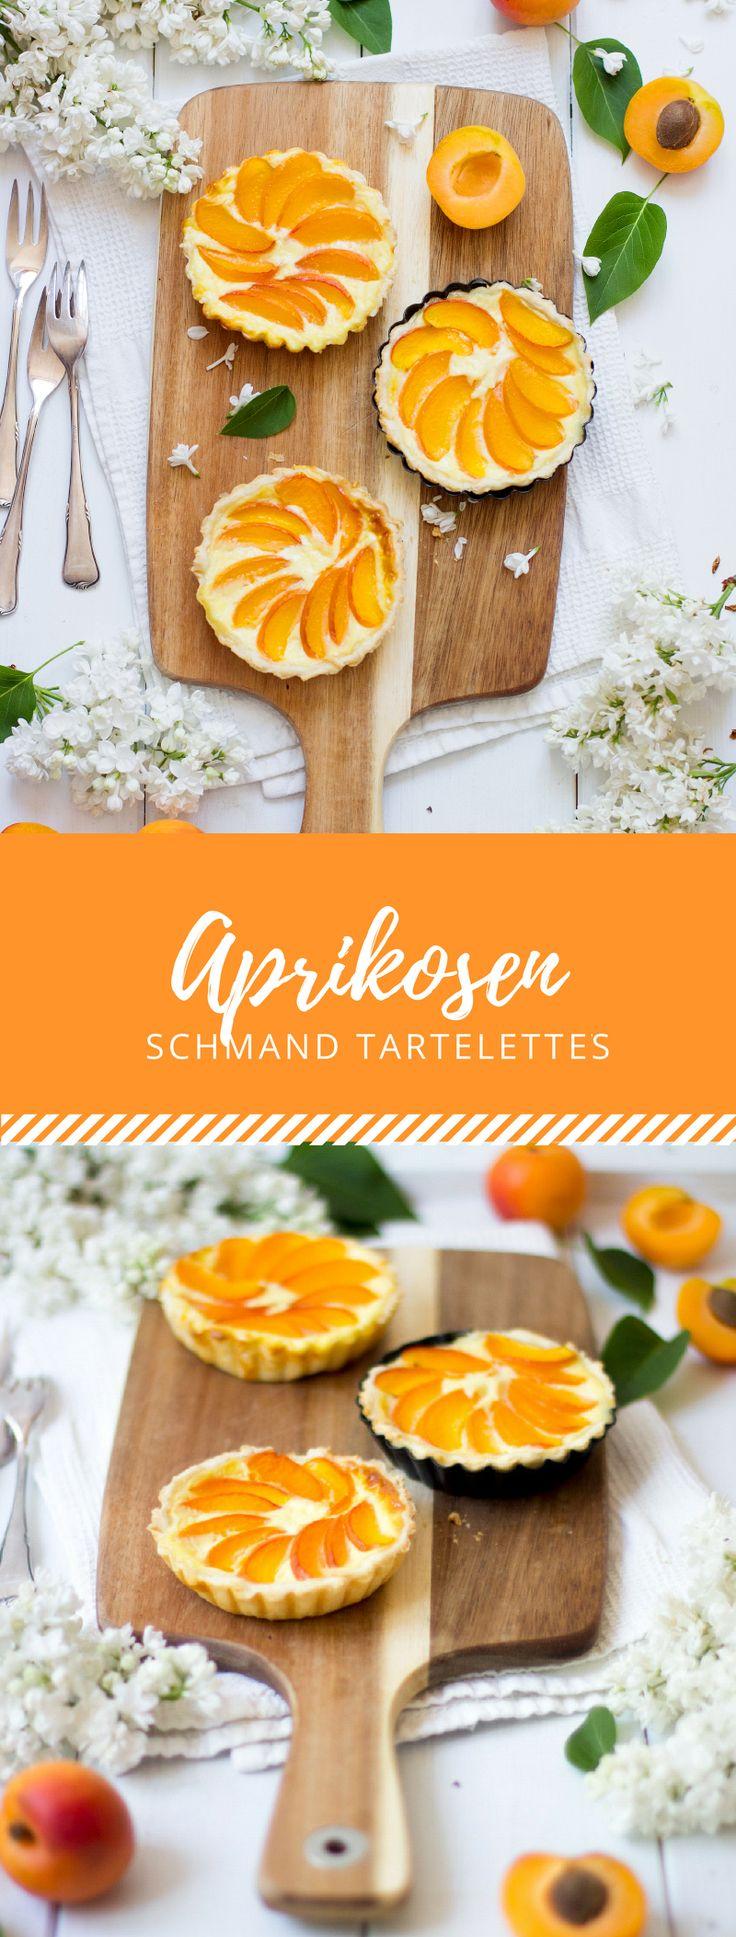 Der Sommer kleidet sich dieses Jahr in leckeren Aprikosen Schmand Tartelettes! Super süß und saftig mit diesem Rezept.